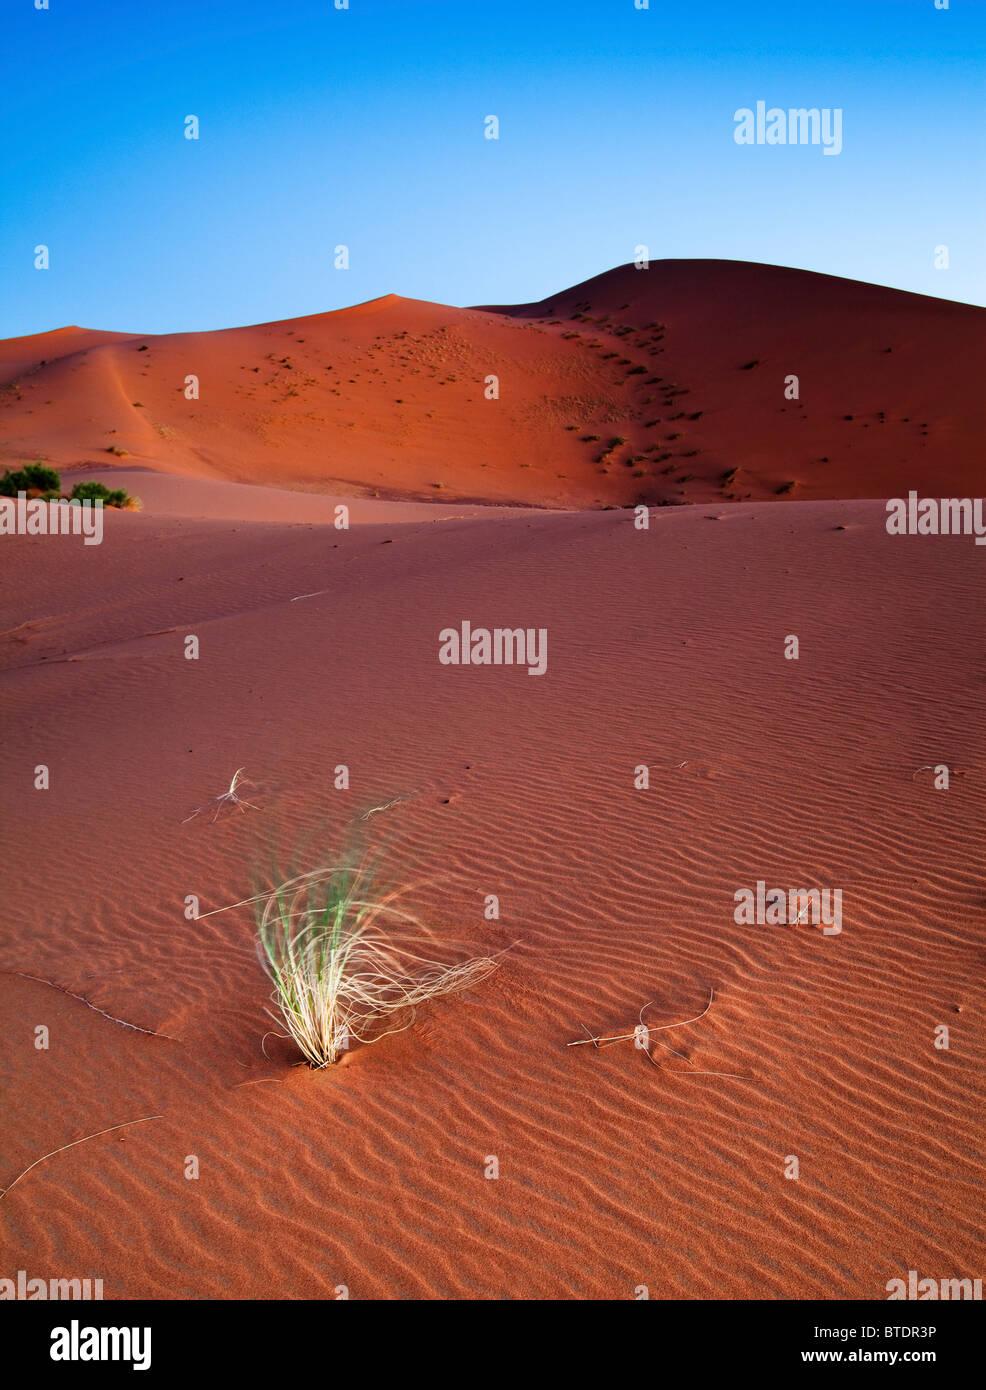 Brins d'herbe qui souffle dans la brise dans le désert du Sahara Photo Stock